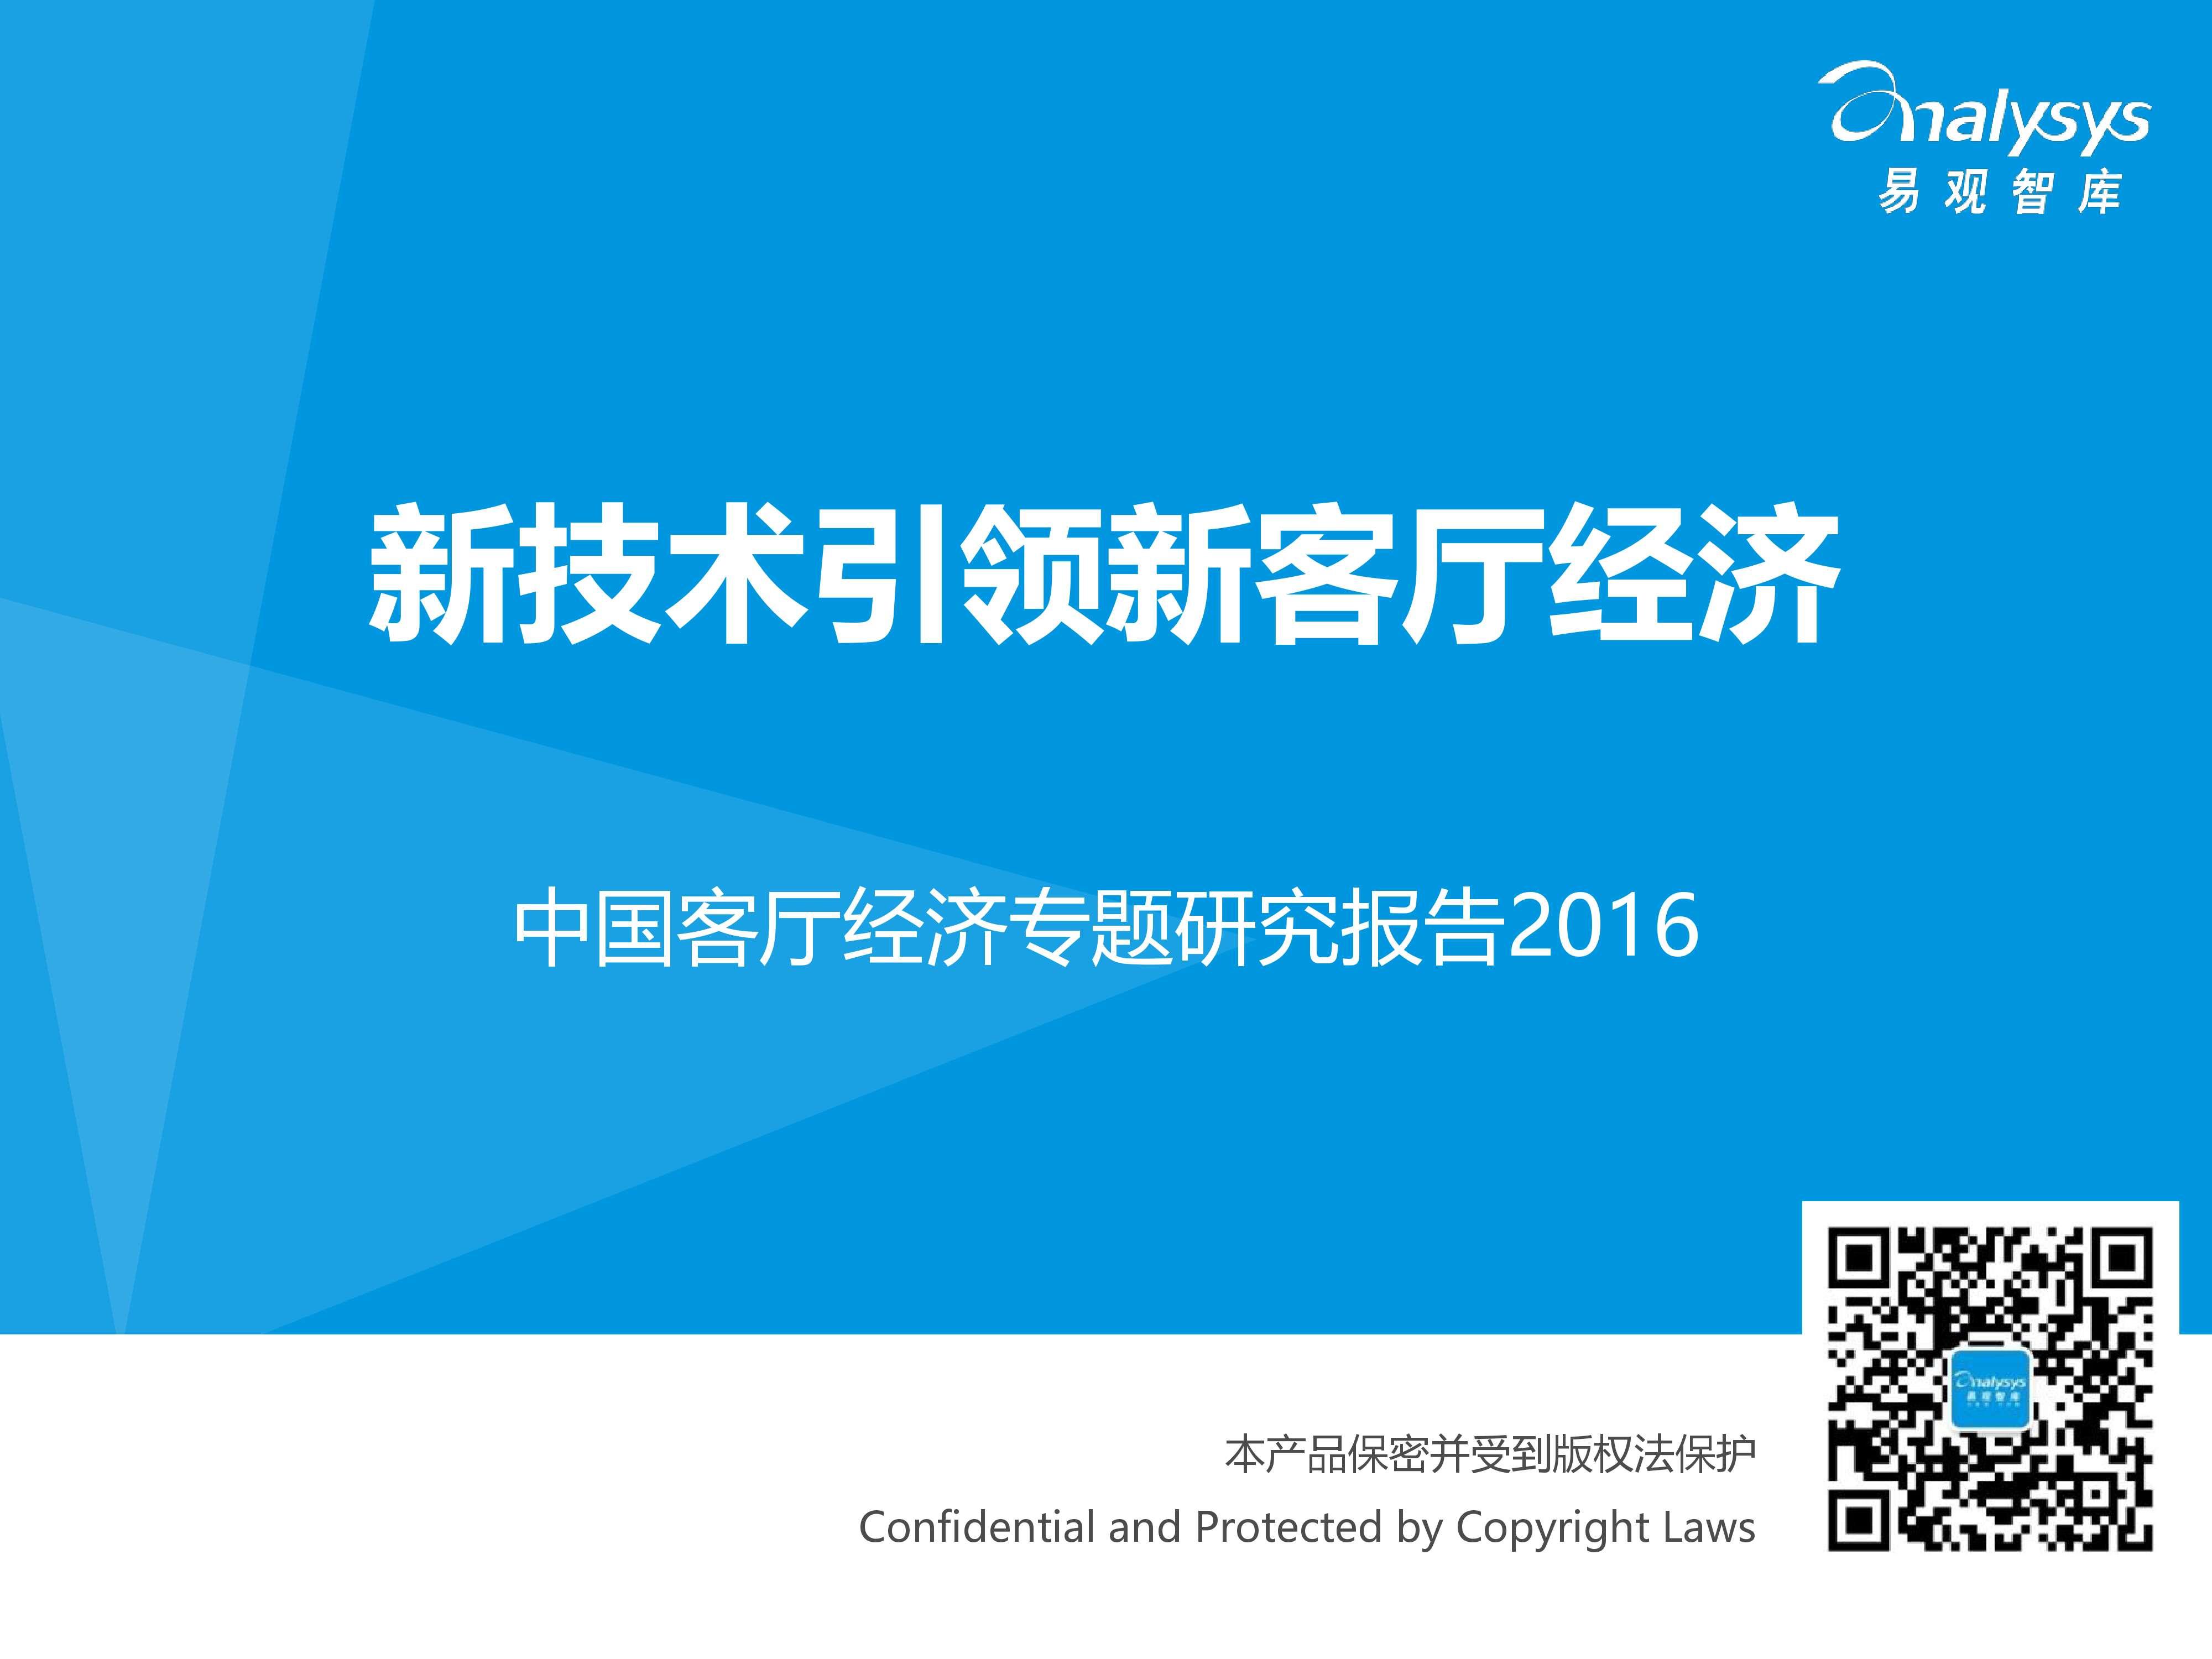 中国客厅经济专题研究报告2016_000001